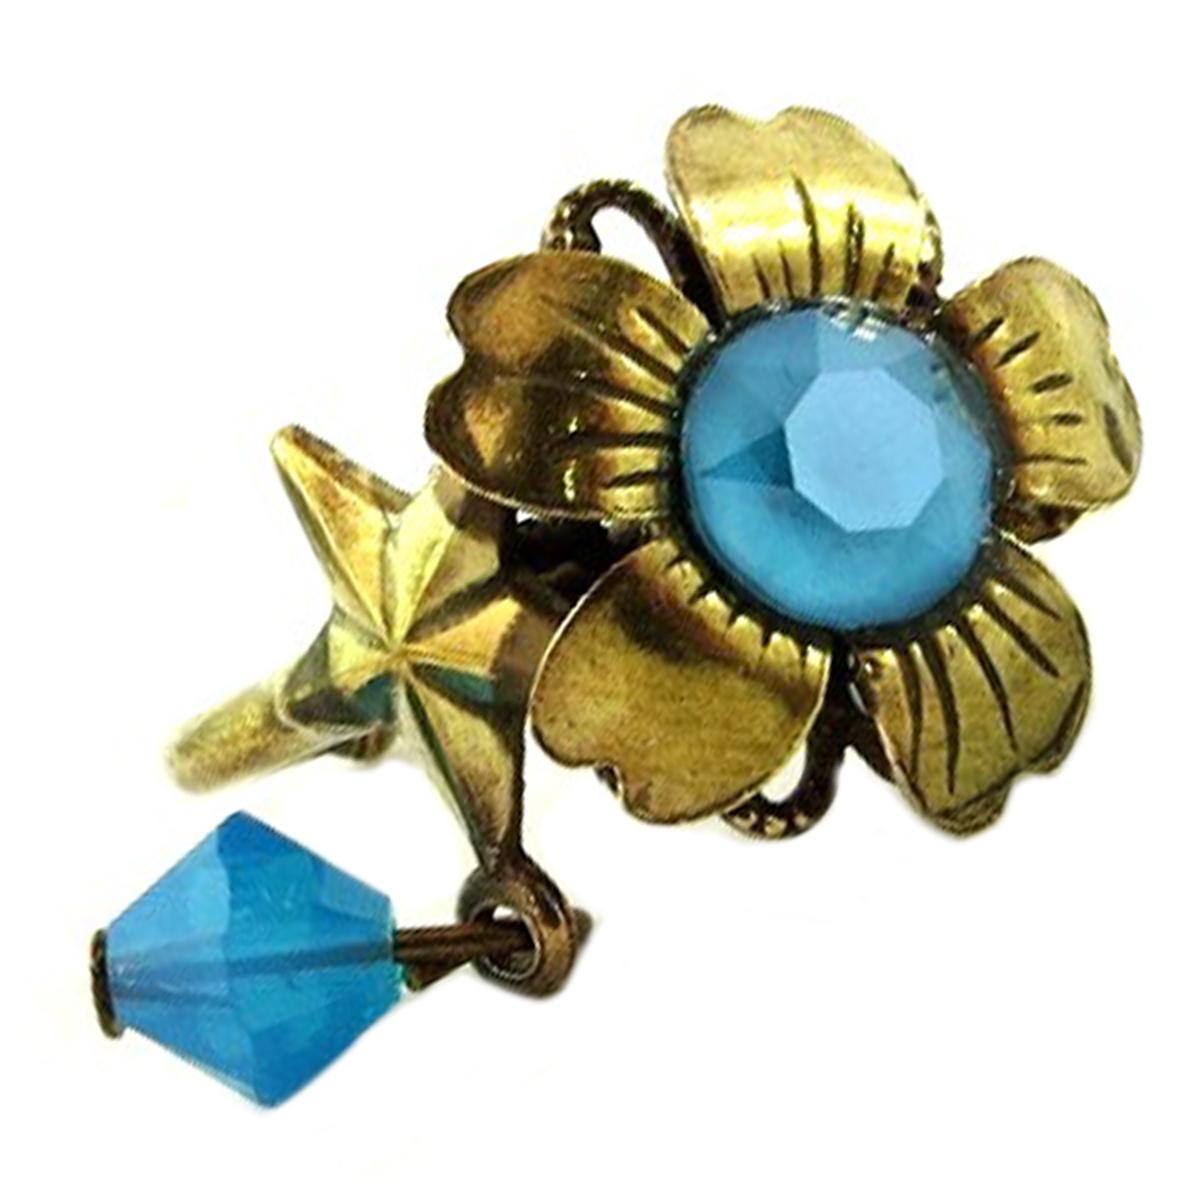 Bague artisanale \'Mythique Syracuse\' turquoise doré - 15 mm - [P9708]